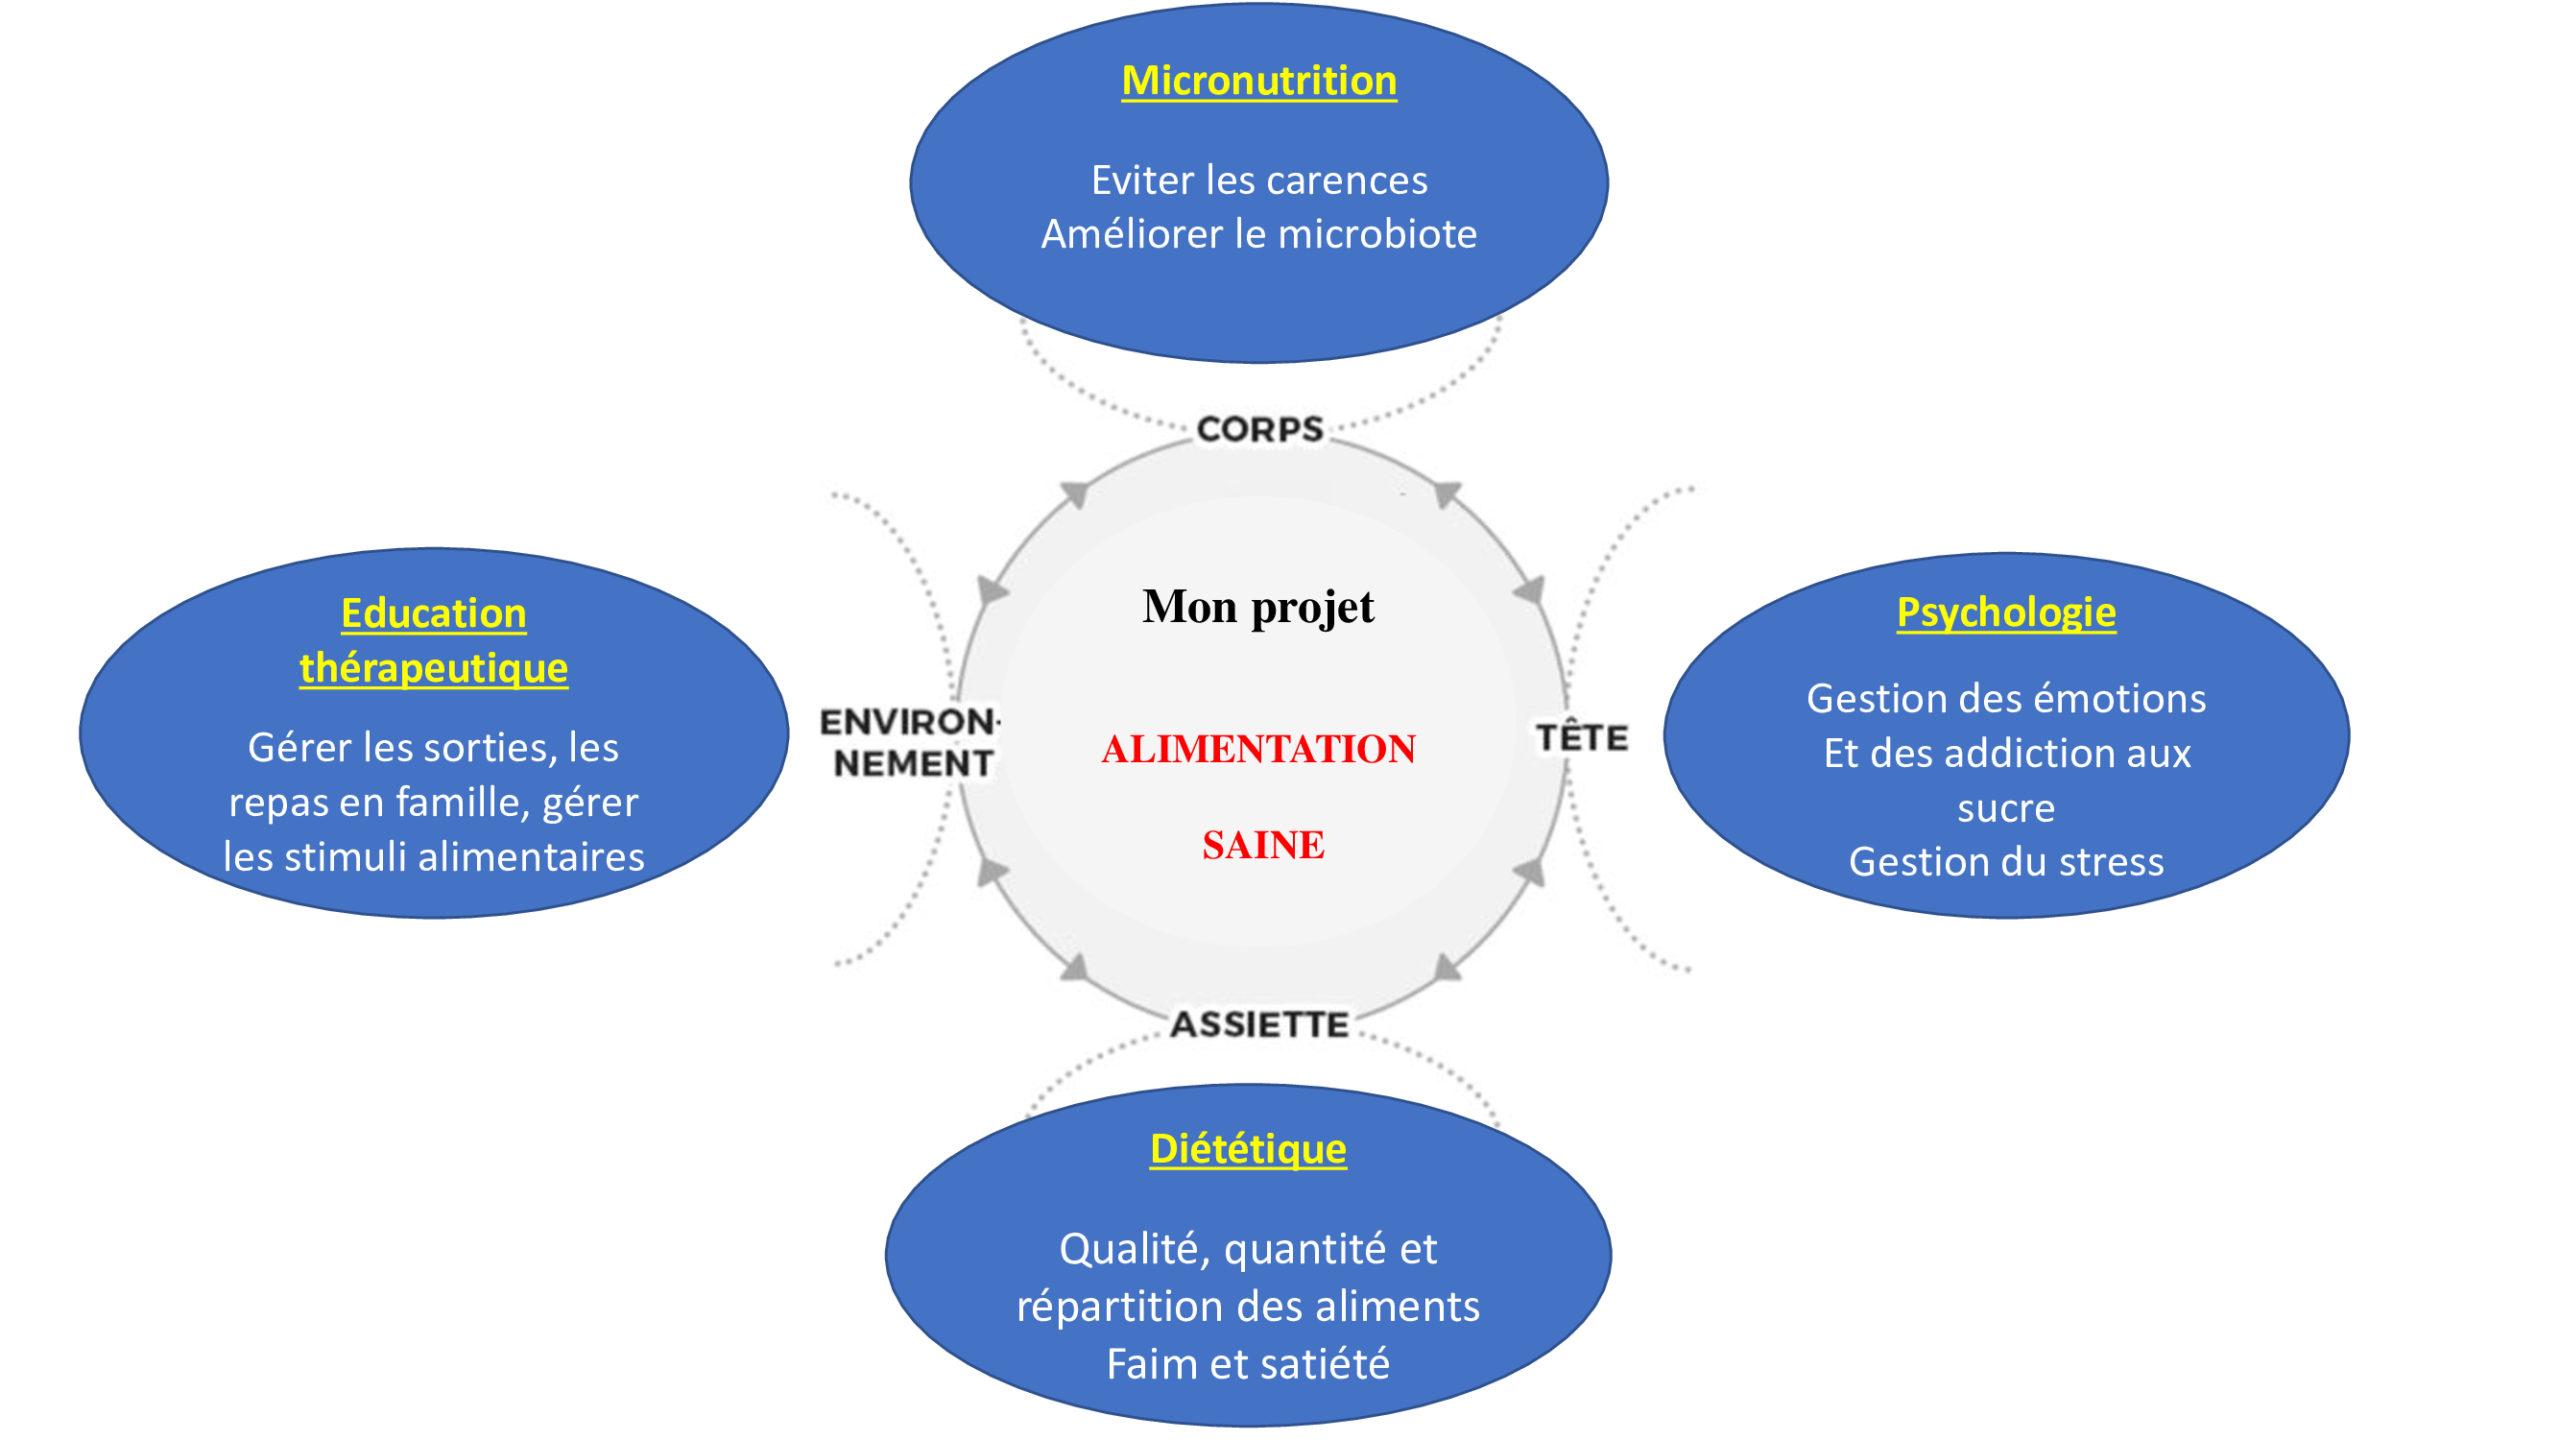 Mon projet d'alimentation saine : La micronutrition, la psychologie, la diététique et l'éducation thérapeutique